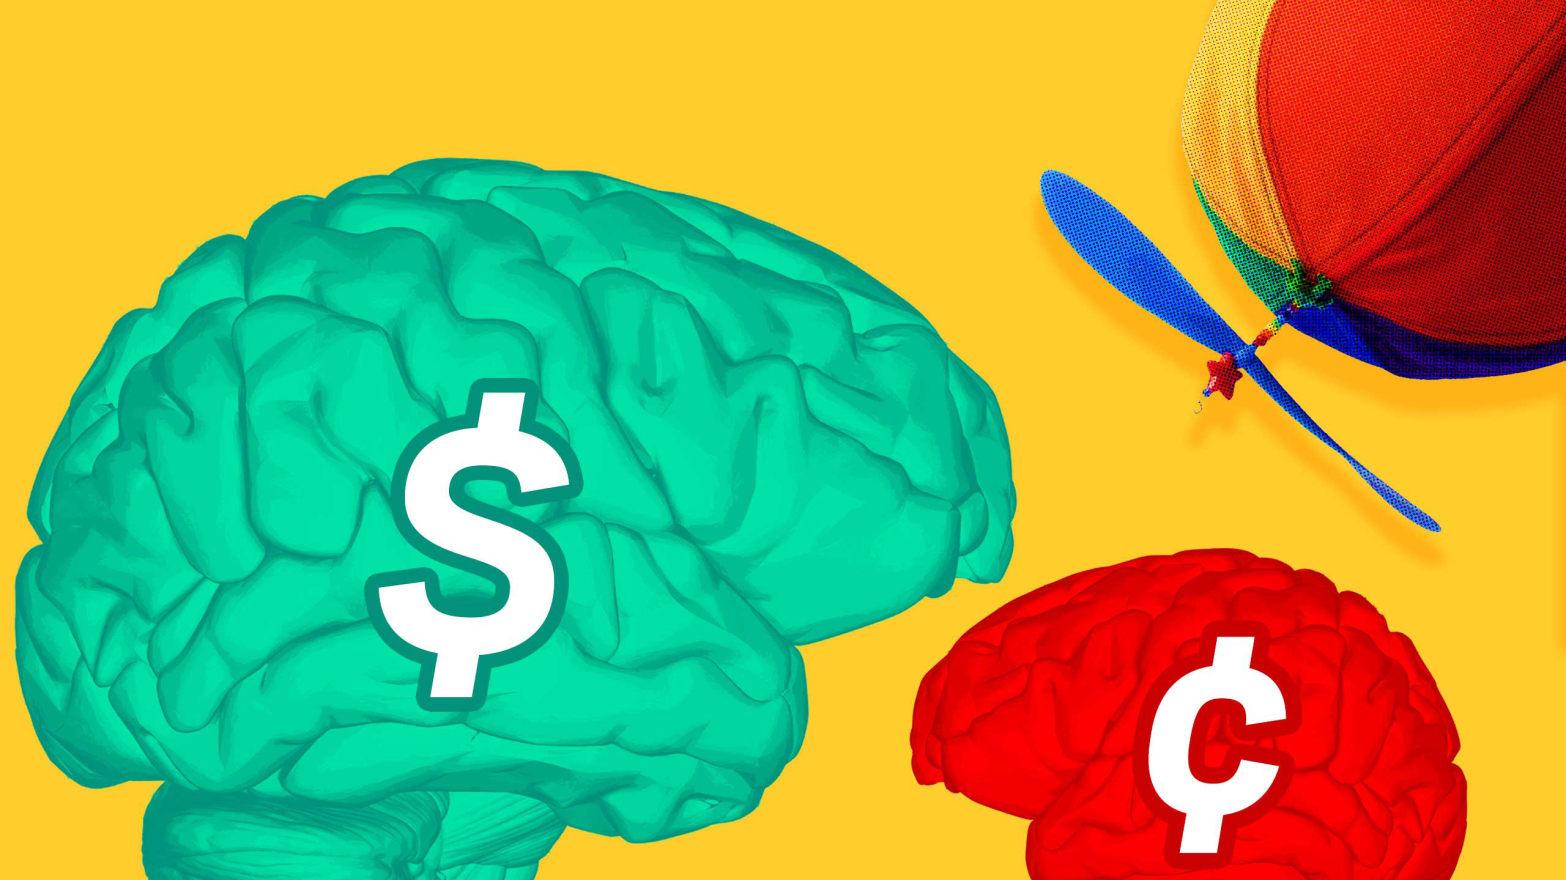 Resultado de imagen para brain money